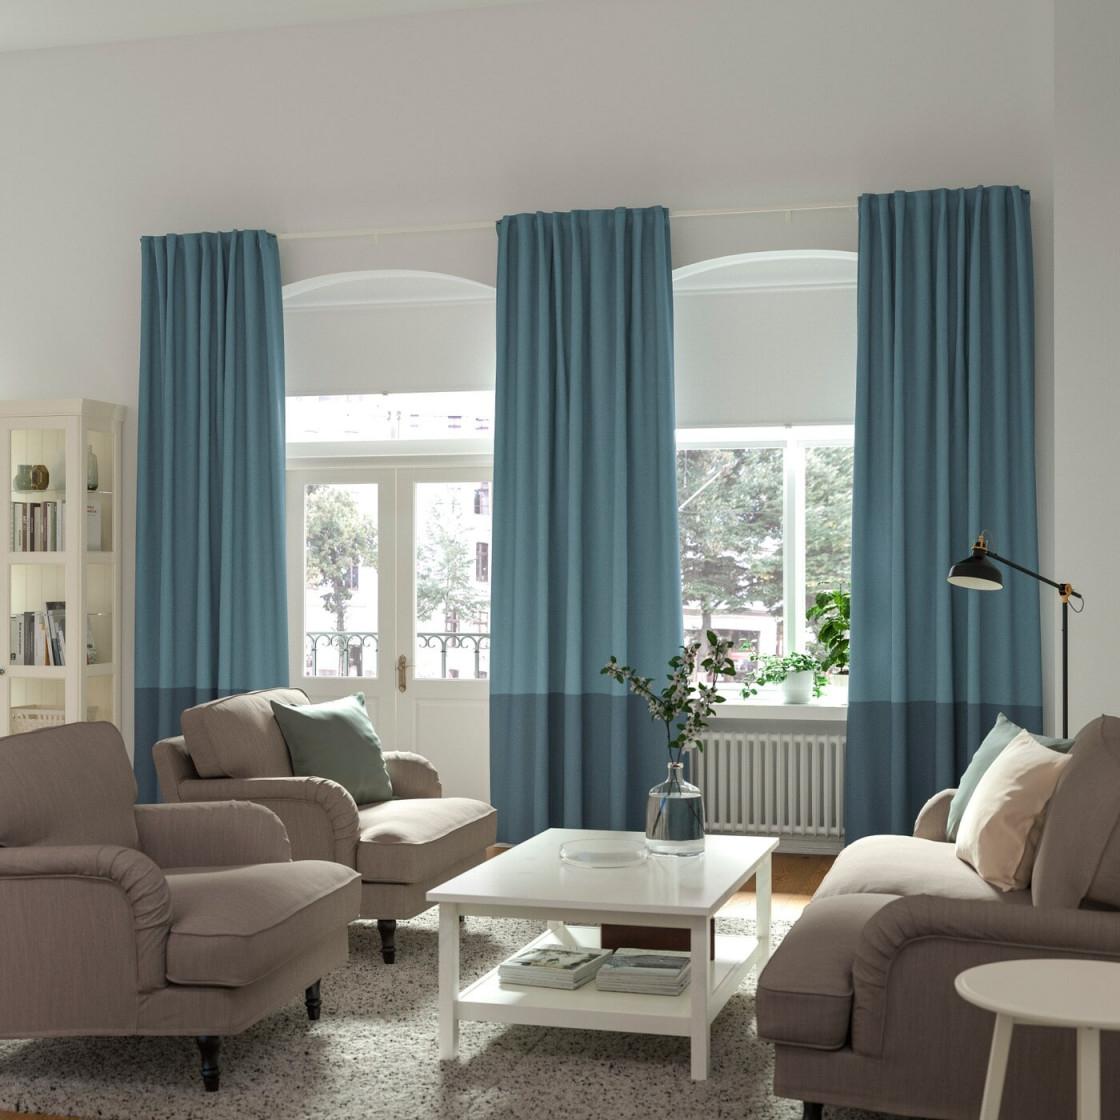 Gardinenideen Inspirationen Für Dein Zuhause  Ikea von Leichte Gardinen Wohnzimmer Photo